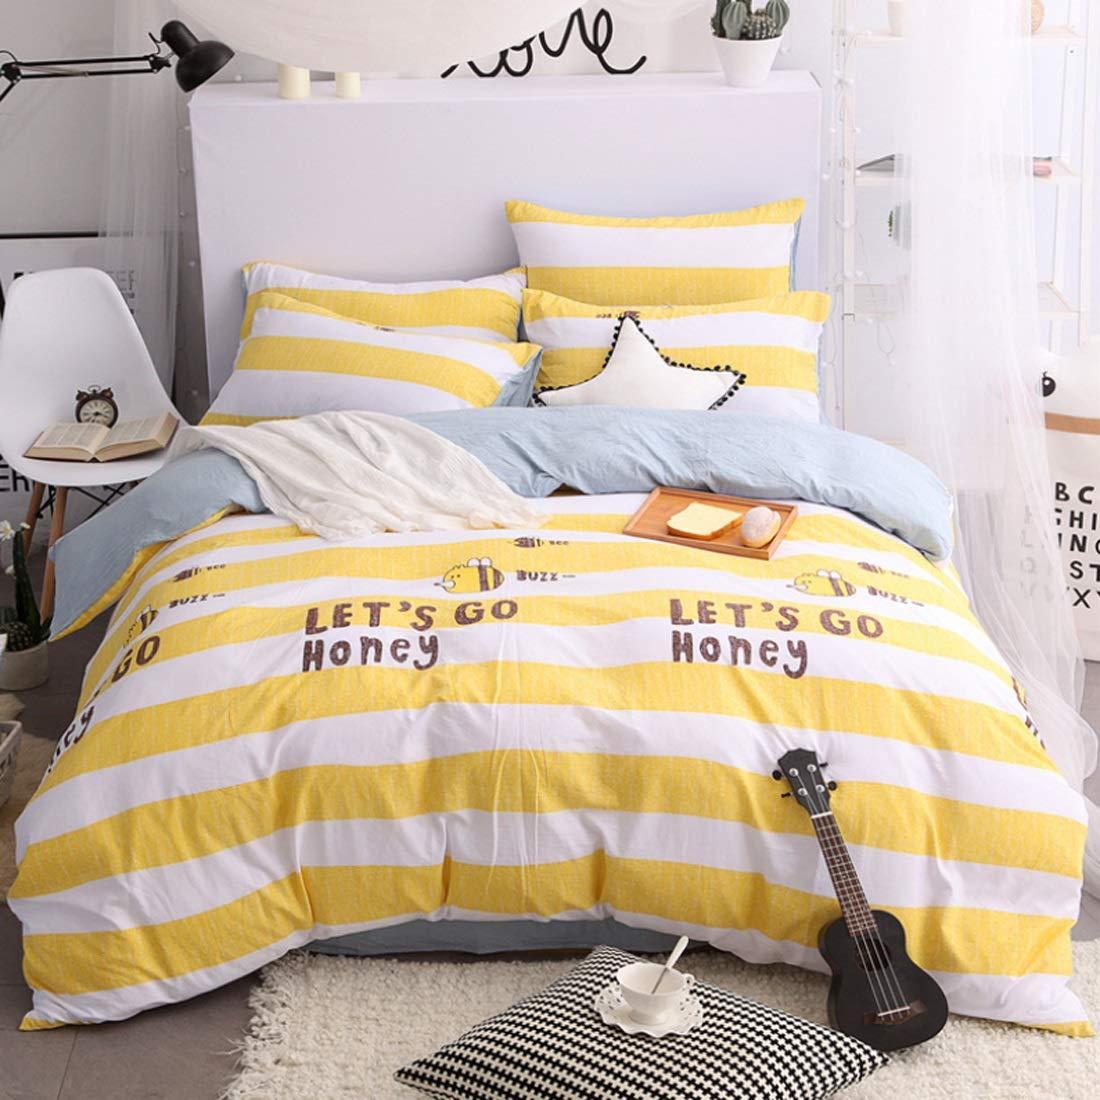 LilyAngel ホームインテリアに適した4つのコットンハイグレード高密度ブラッシングベッドリネンピローケースのベッドのベッドセットの4つのセット (Color : イエロー, サイズ : 150CM) B07NCYXD87 イエロー 150CM